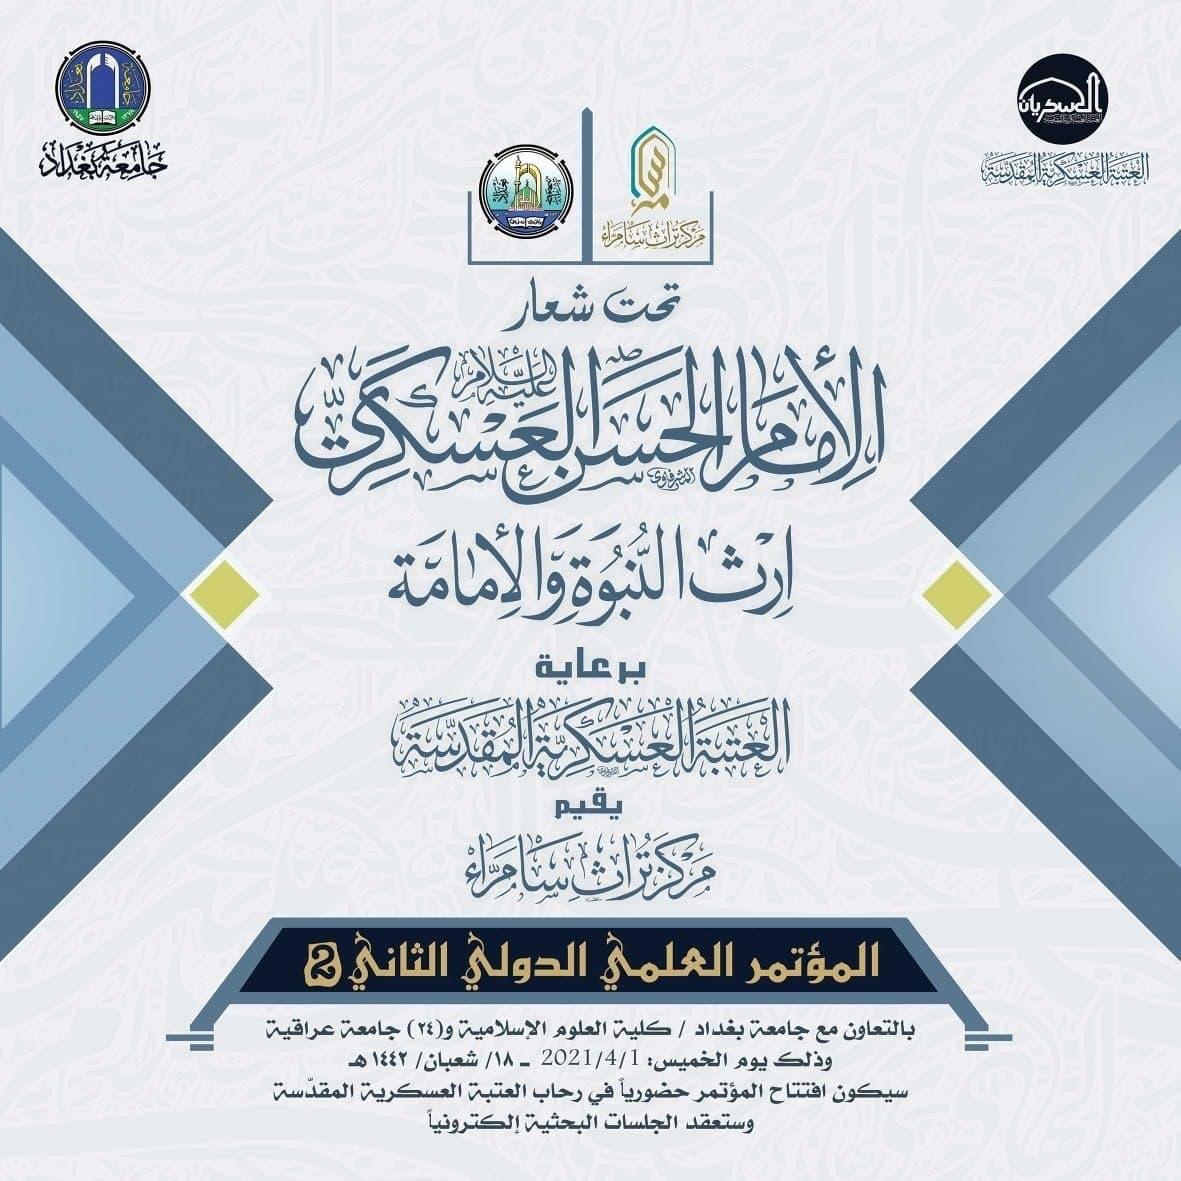 جامعة المثنى تسهم في المؤتمر العلمي الدولي الثاني لمركز تراث سامراء